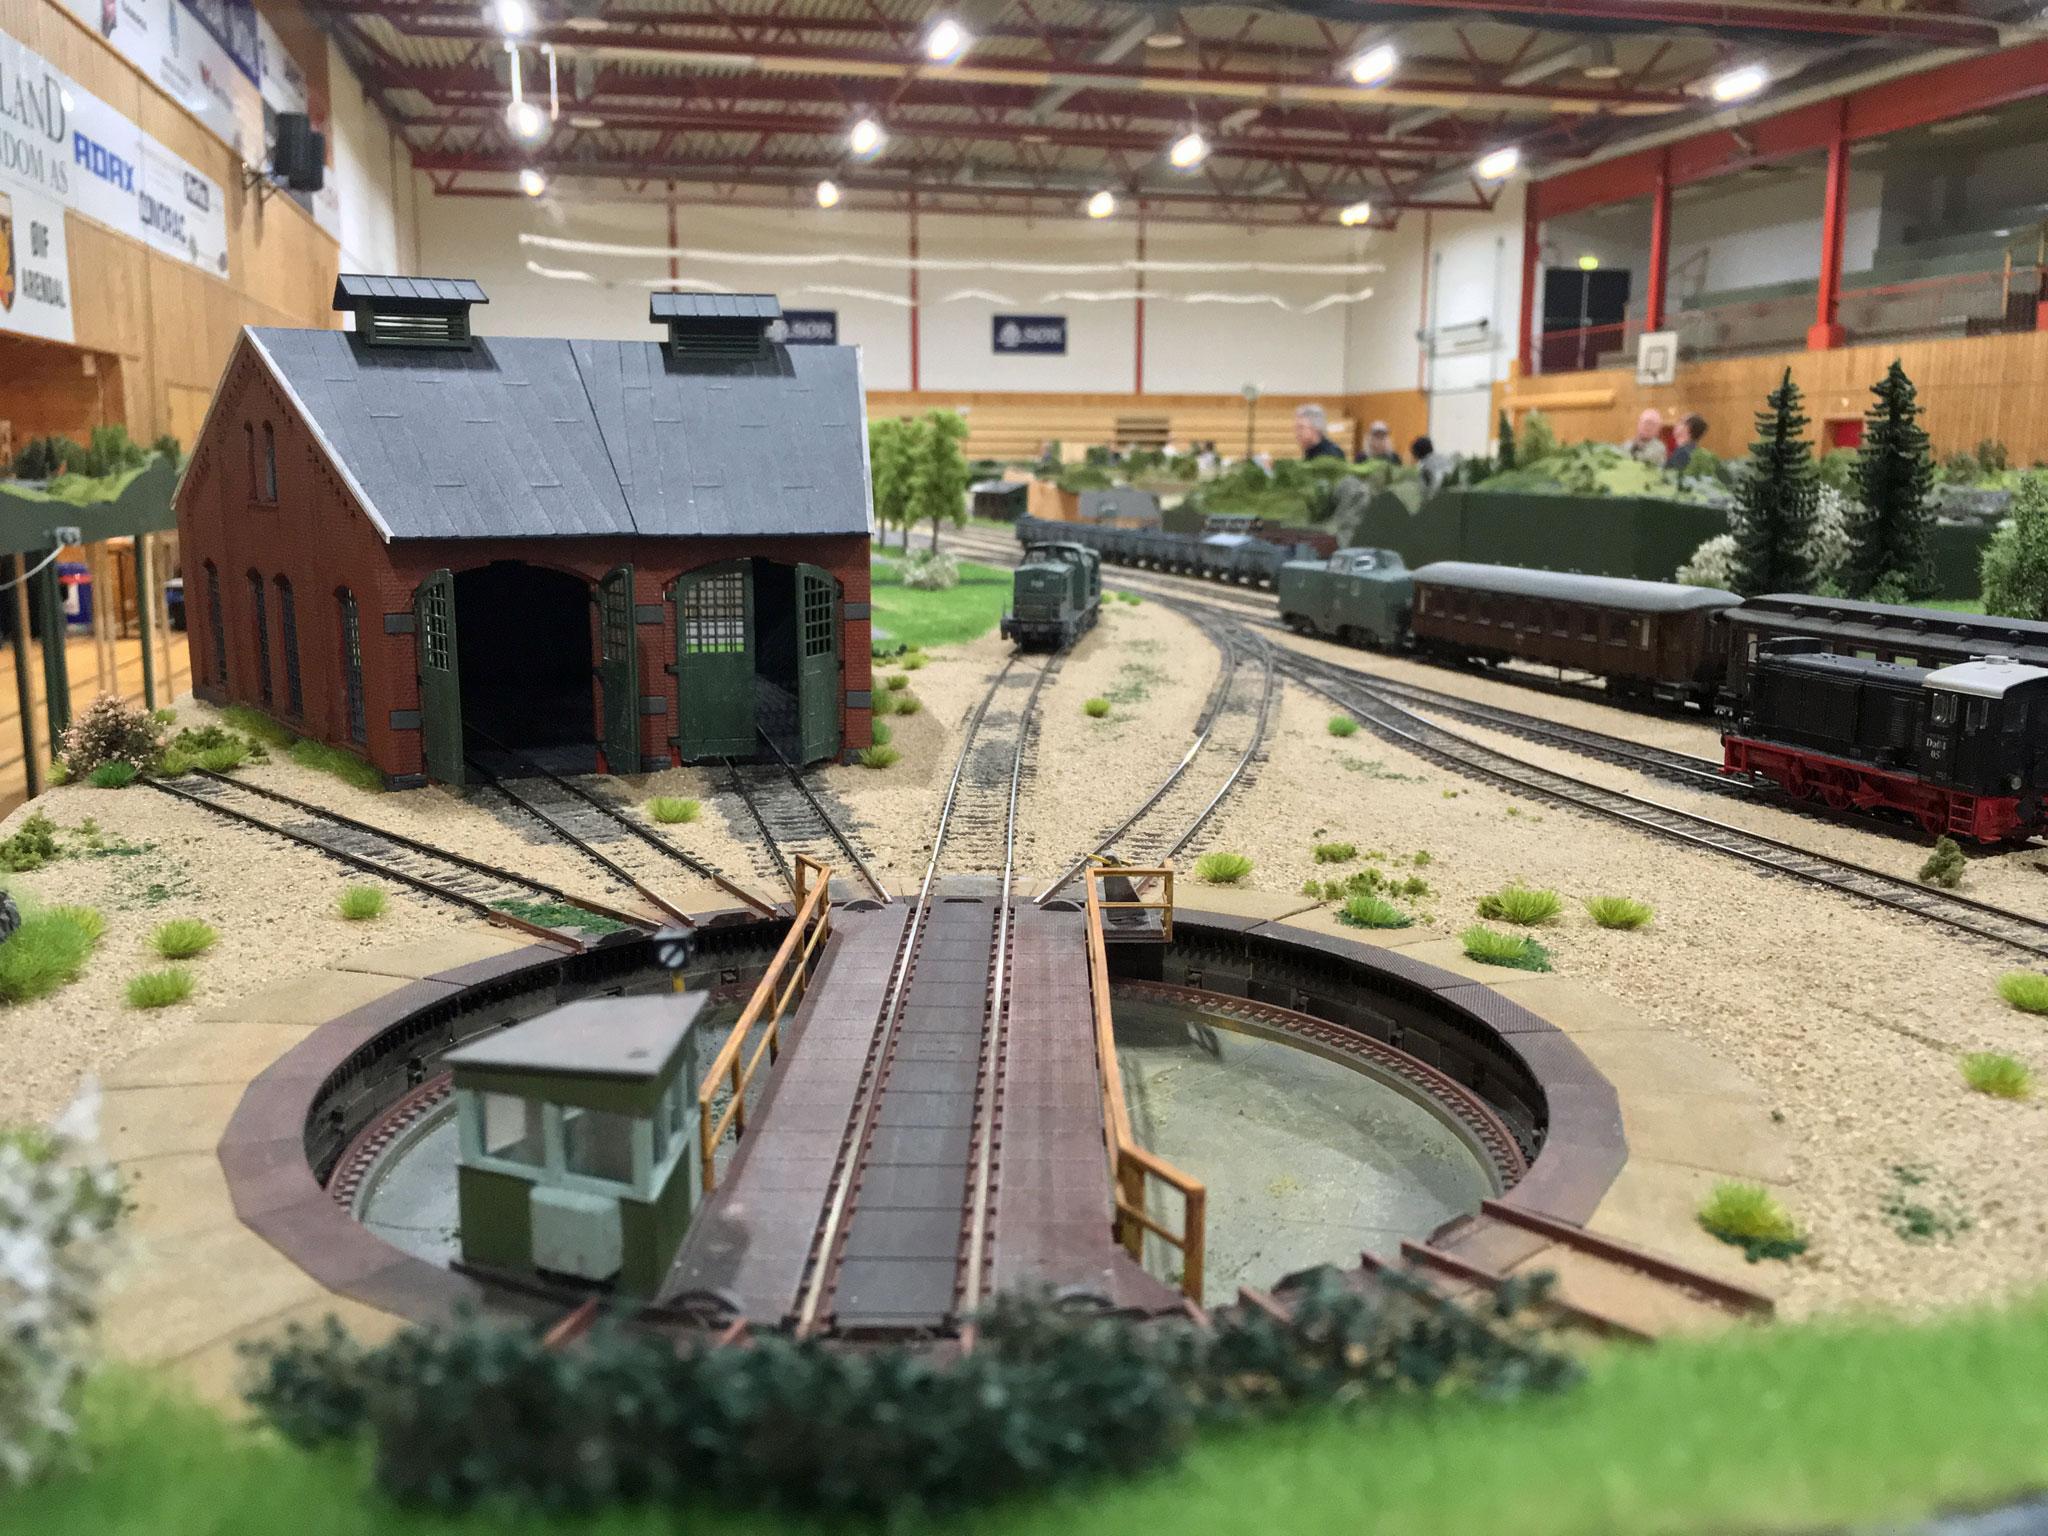 Almbag - en ny station på den fiktive Fjellandsbanen